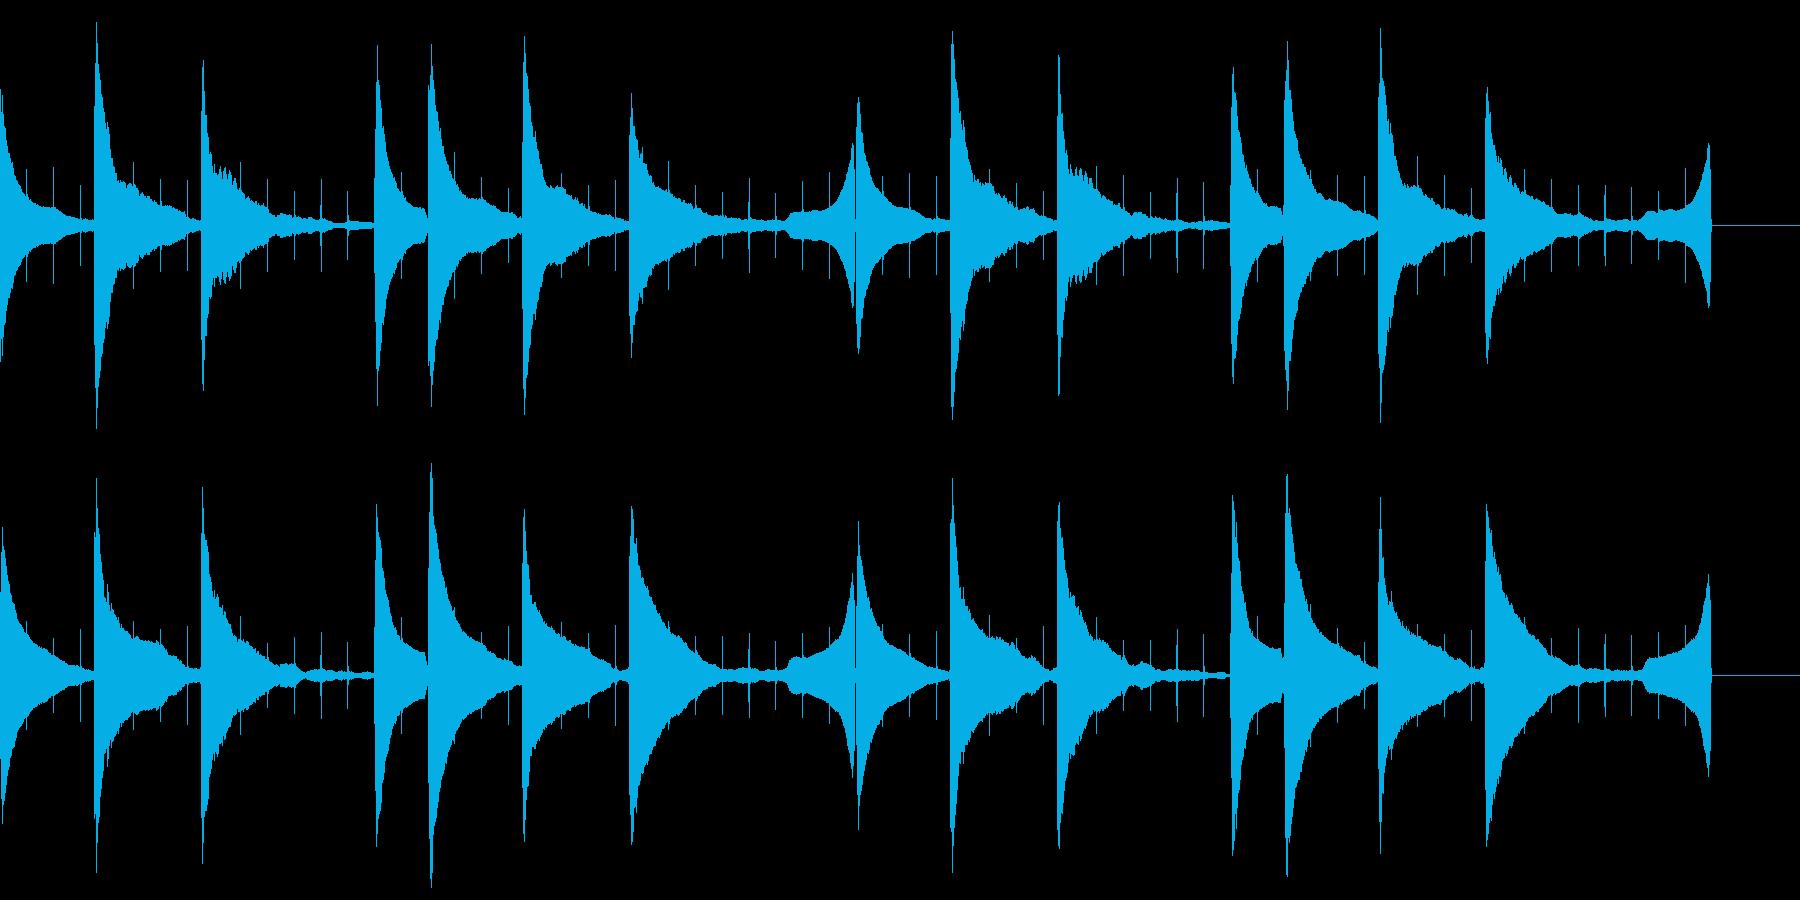 不安や緊張感を演出するピアノの再生済みの波形